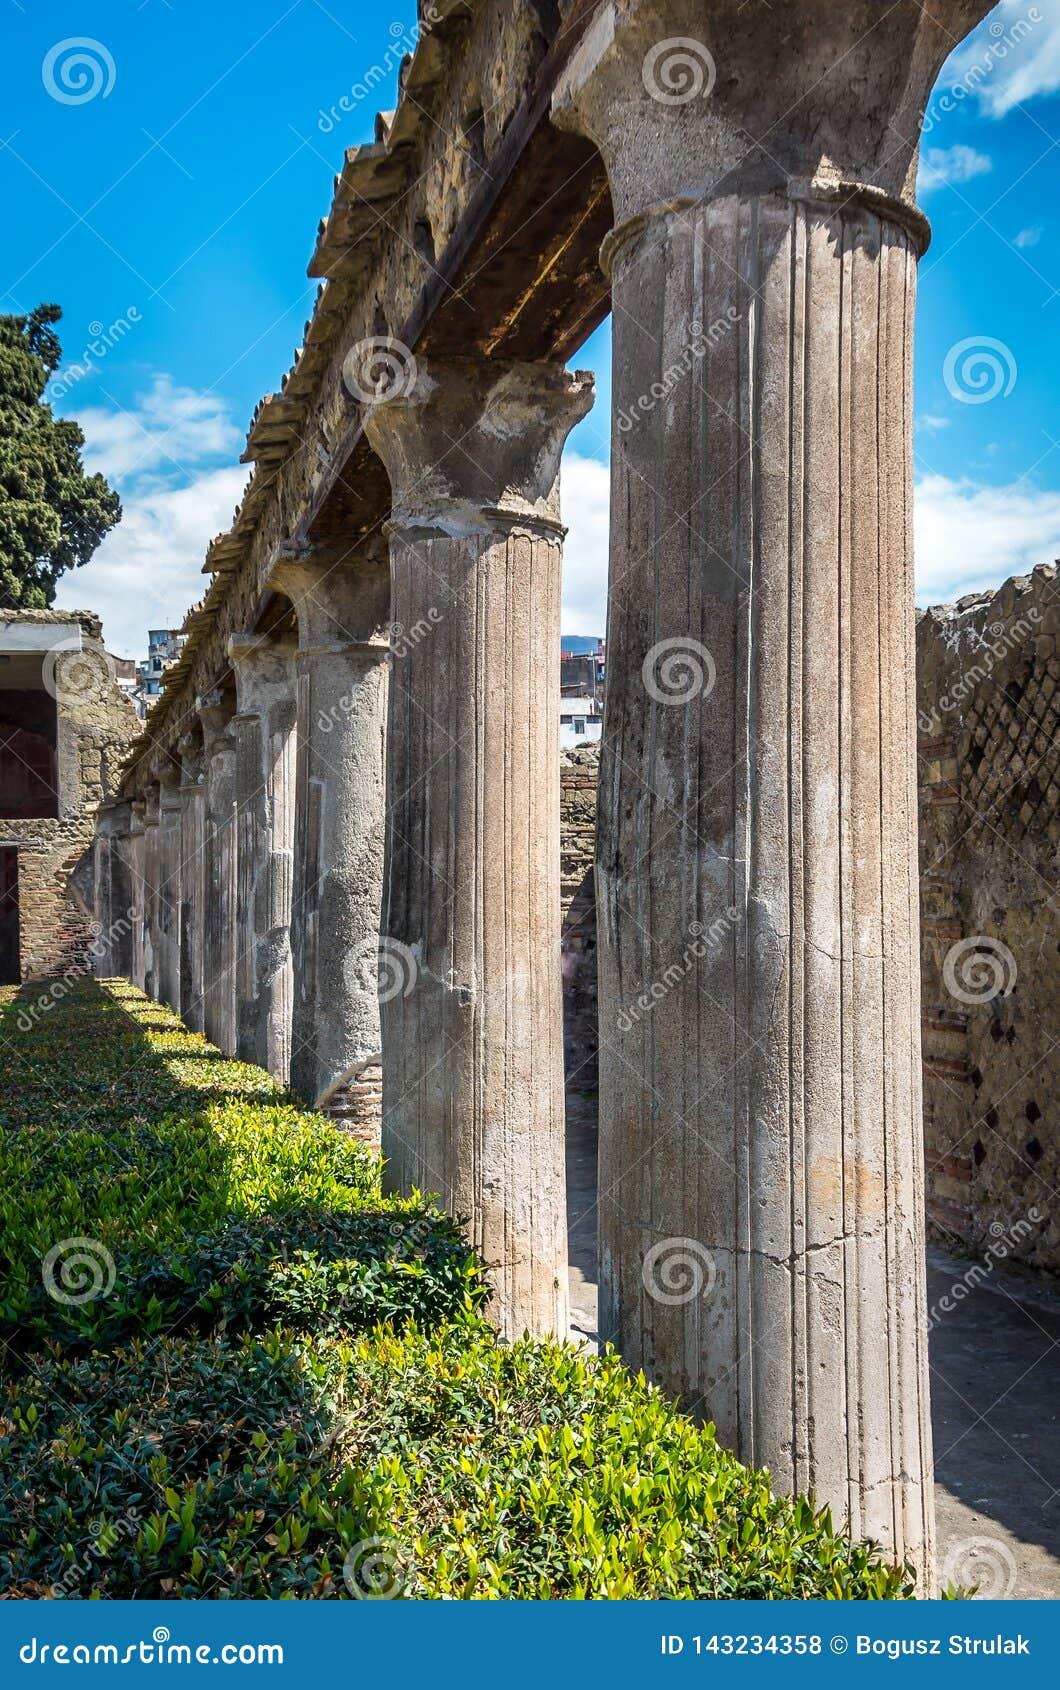 Kolonnpelare på fördärvar av Herculanum, som täcktes av vulkaniskt damm efter det Vesuvius utbrottet, Herculanum Italien